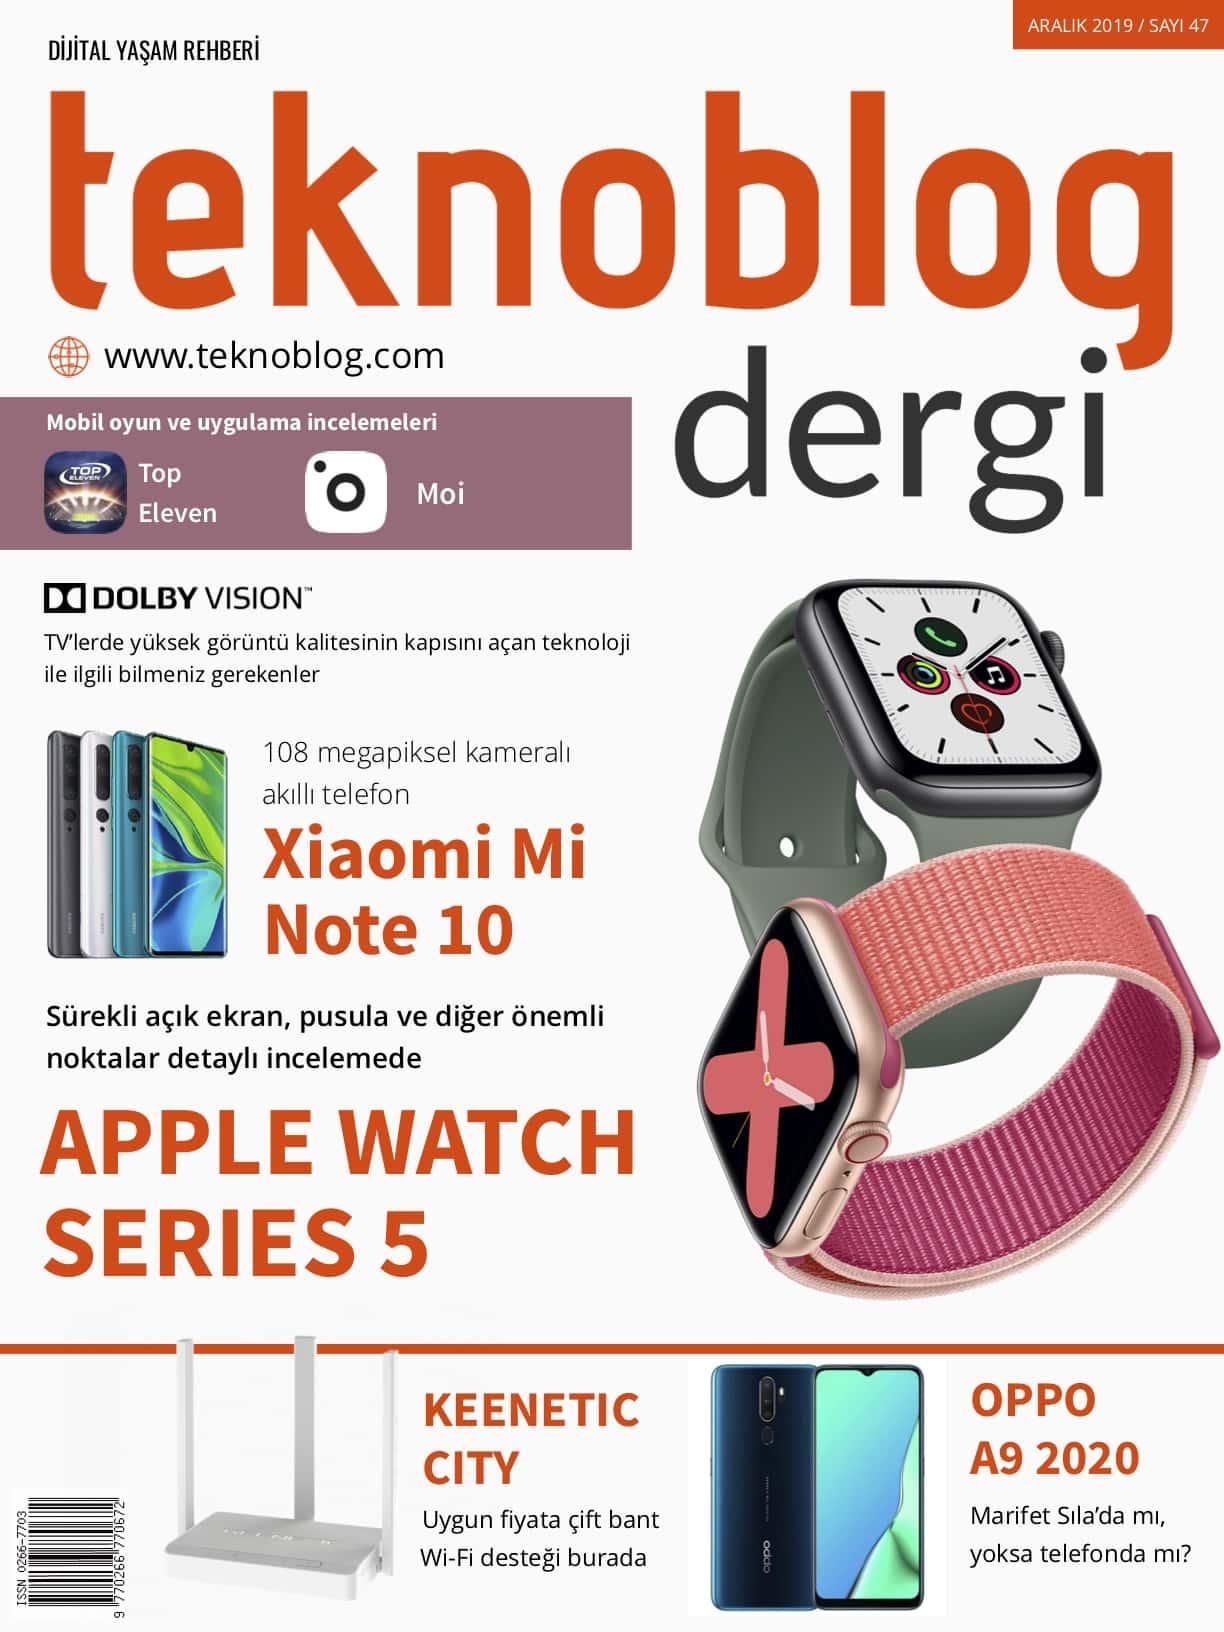 teknoblog dergi aralık 2019 sayı 47